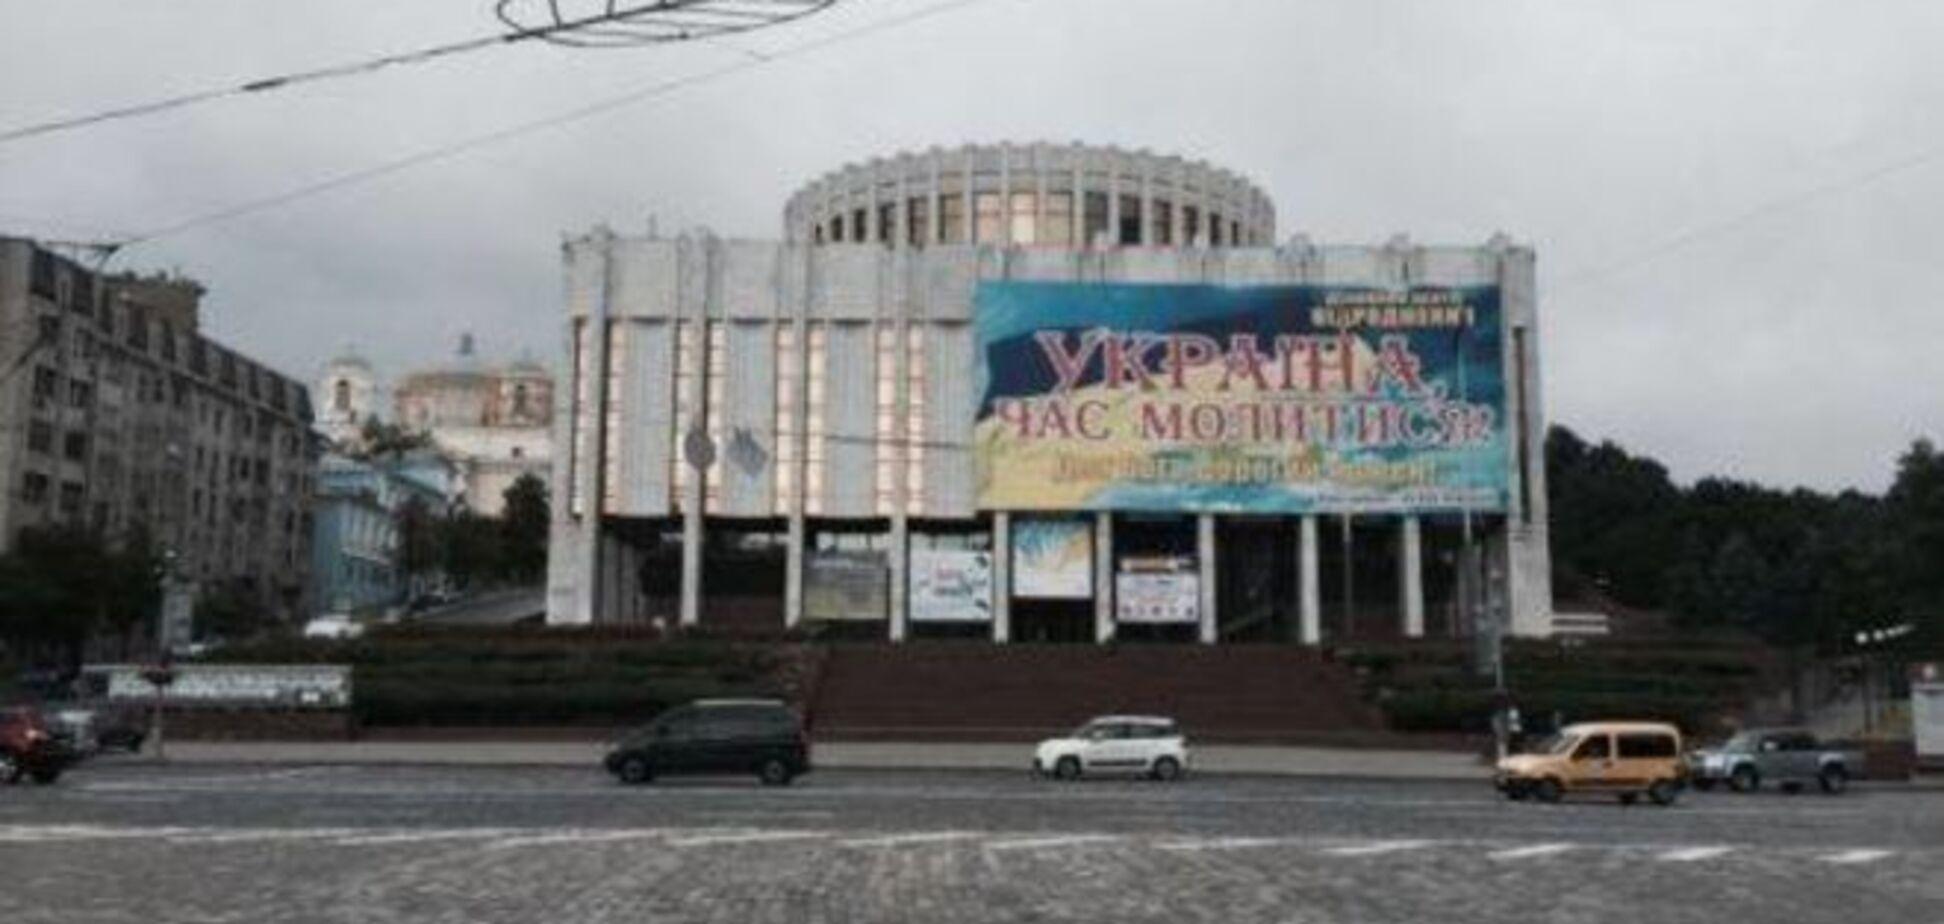 С 'Украинского дома' в Киеве исчезла гигантская реклама: фотофакт